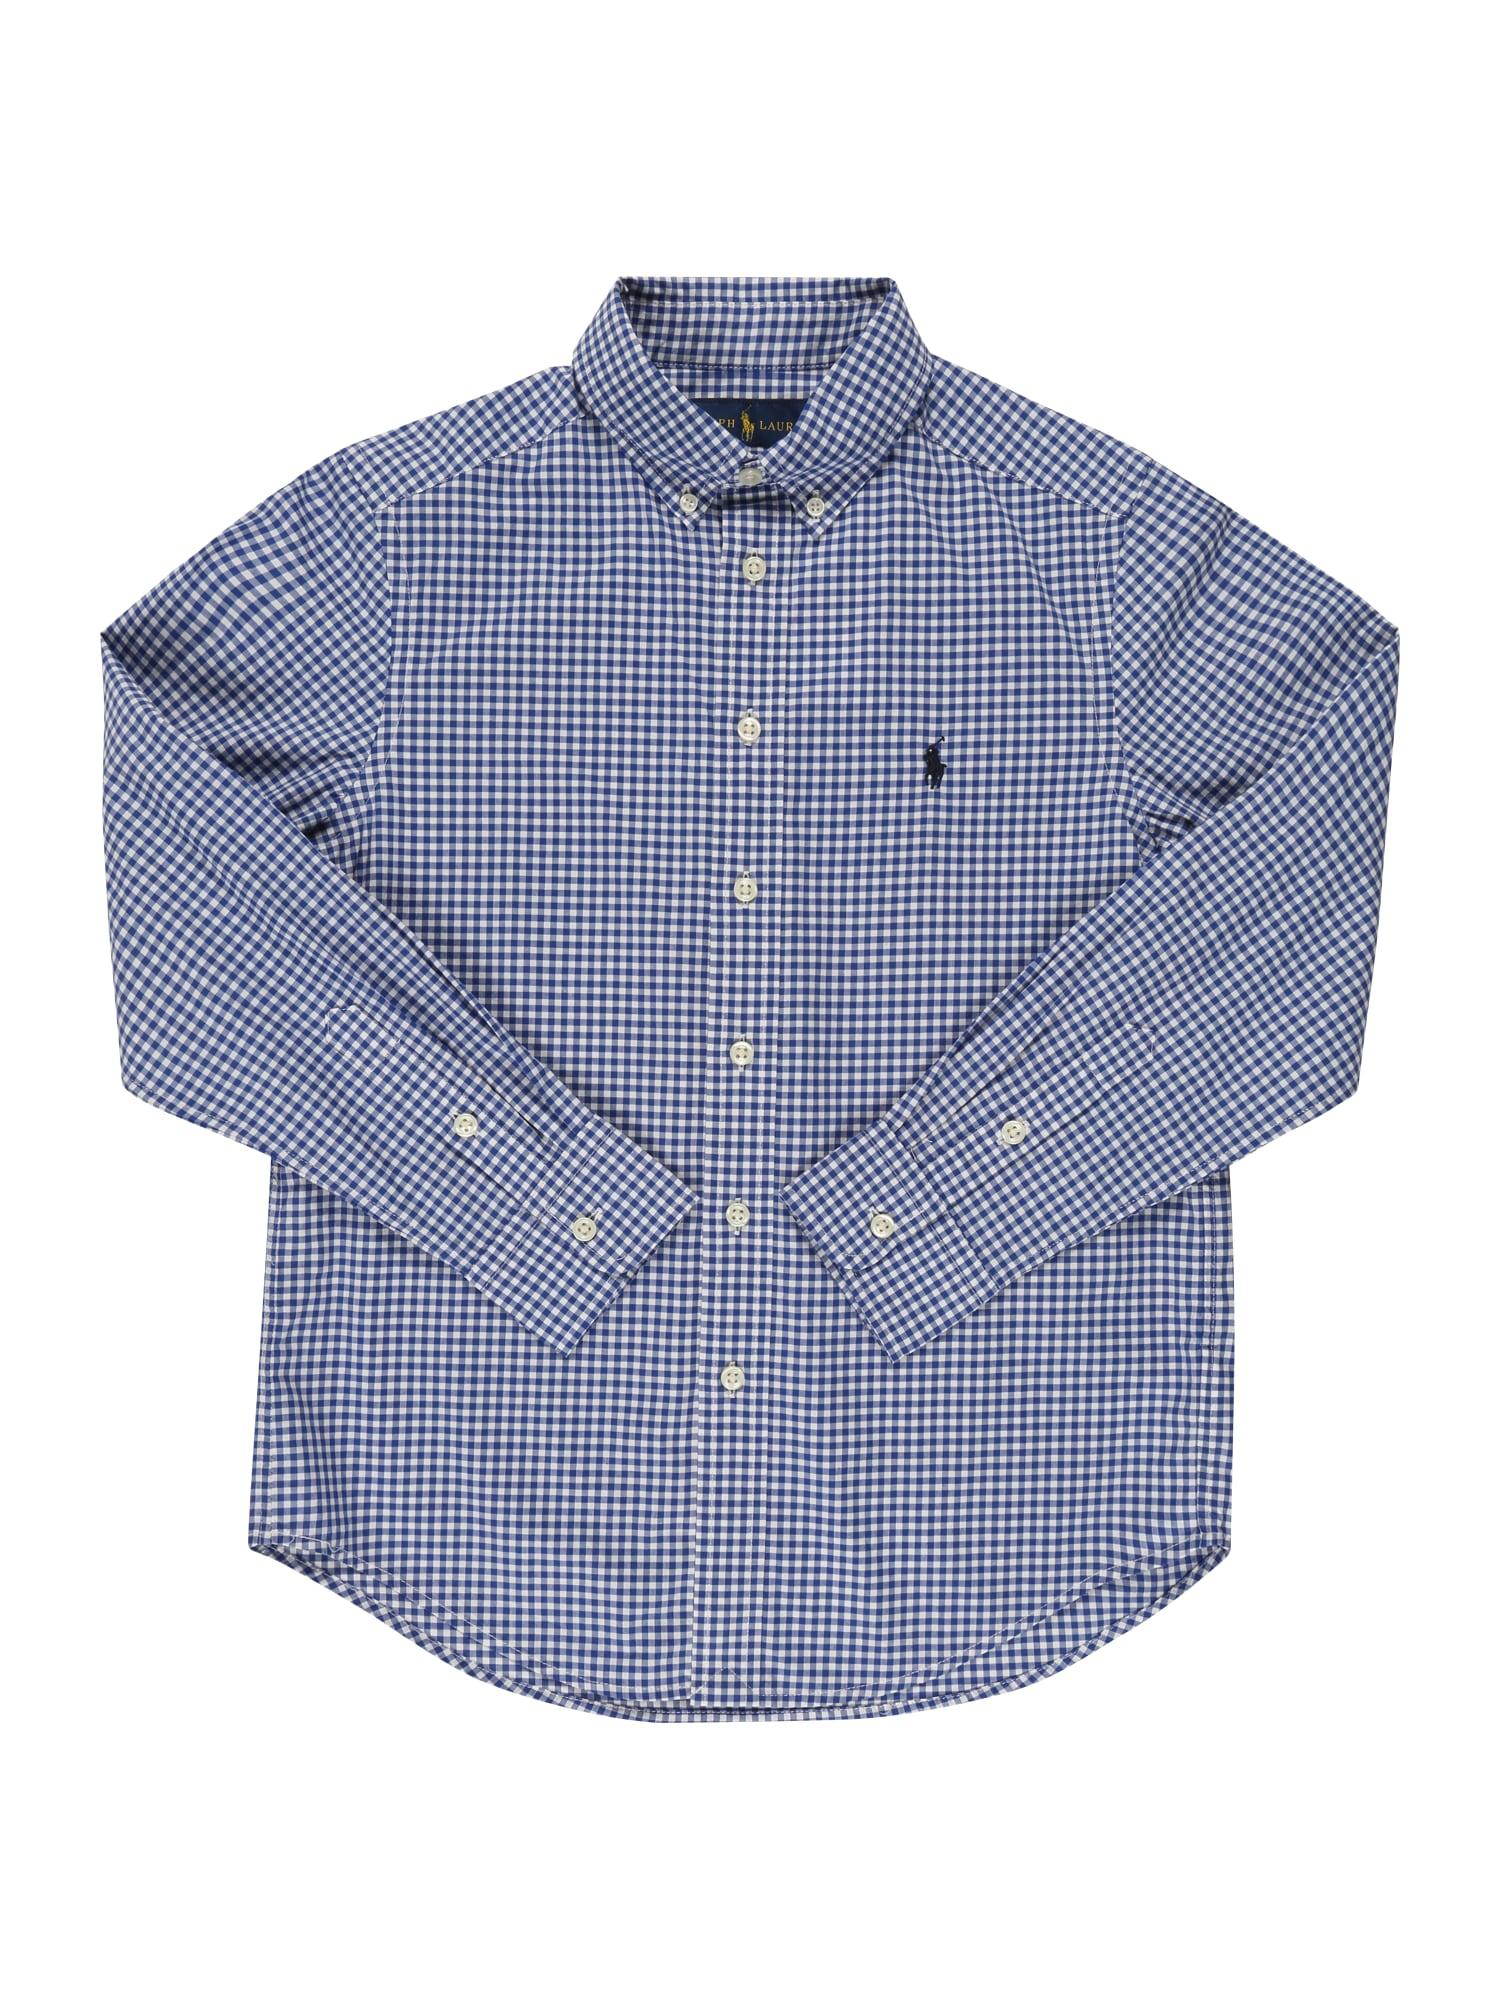 POLO RALPH LAUREN Marškiniai mėlyna